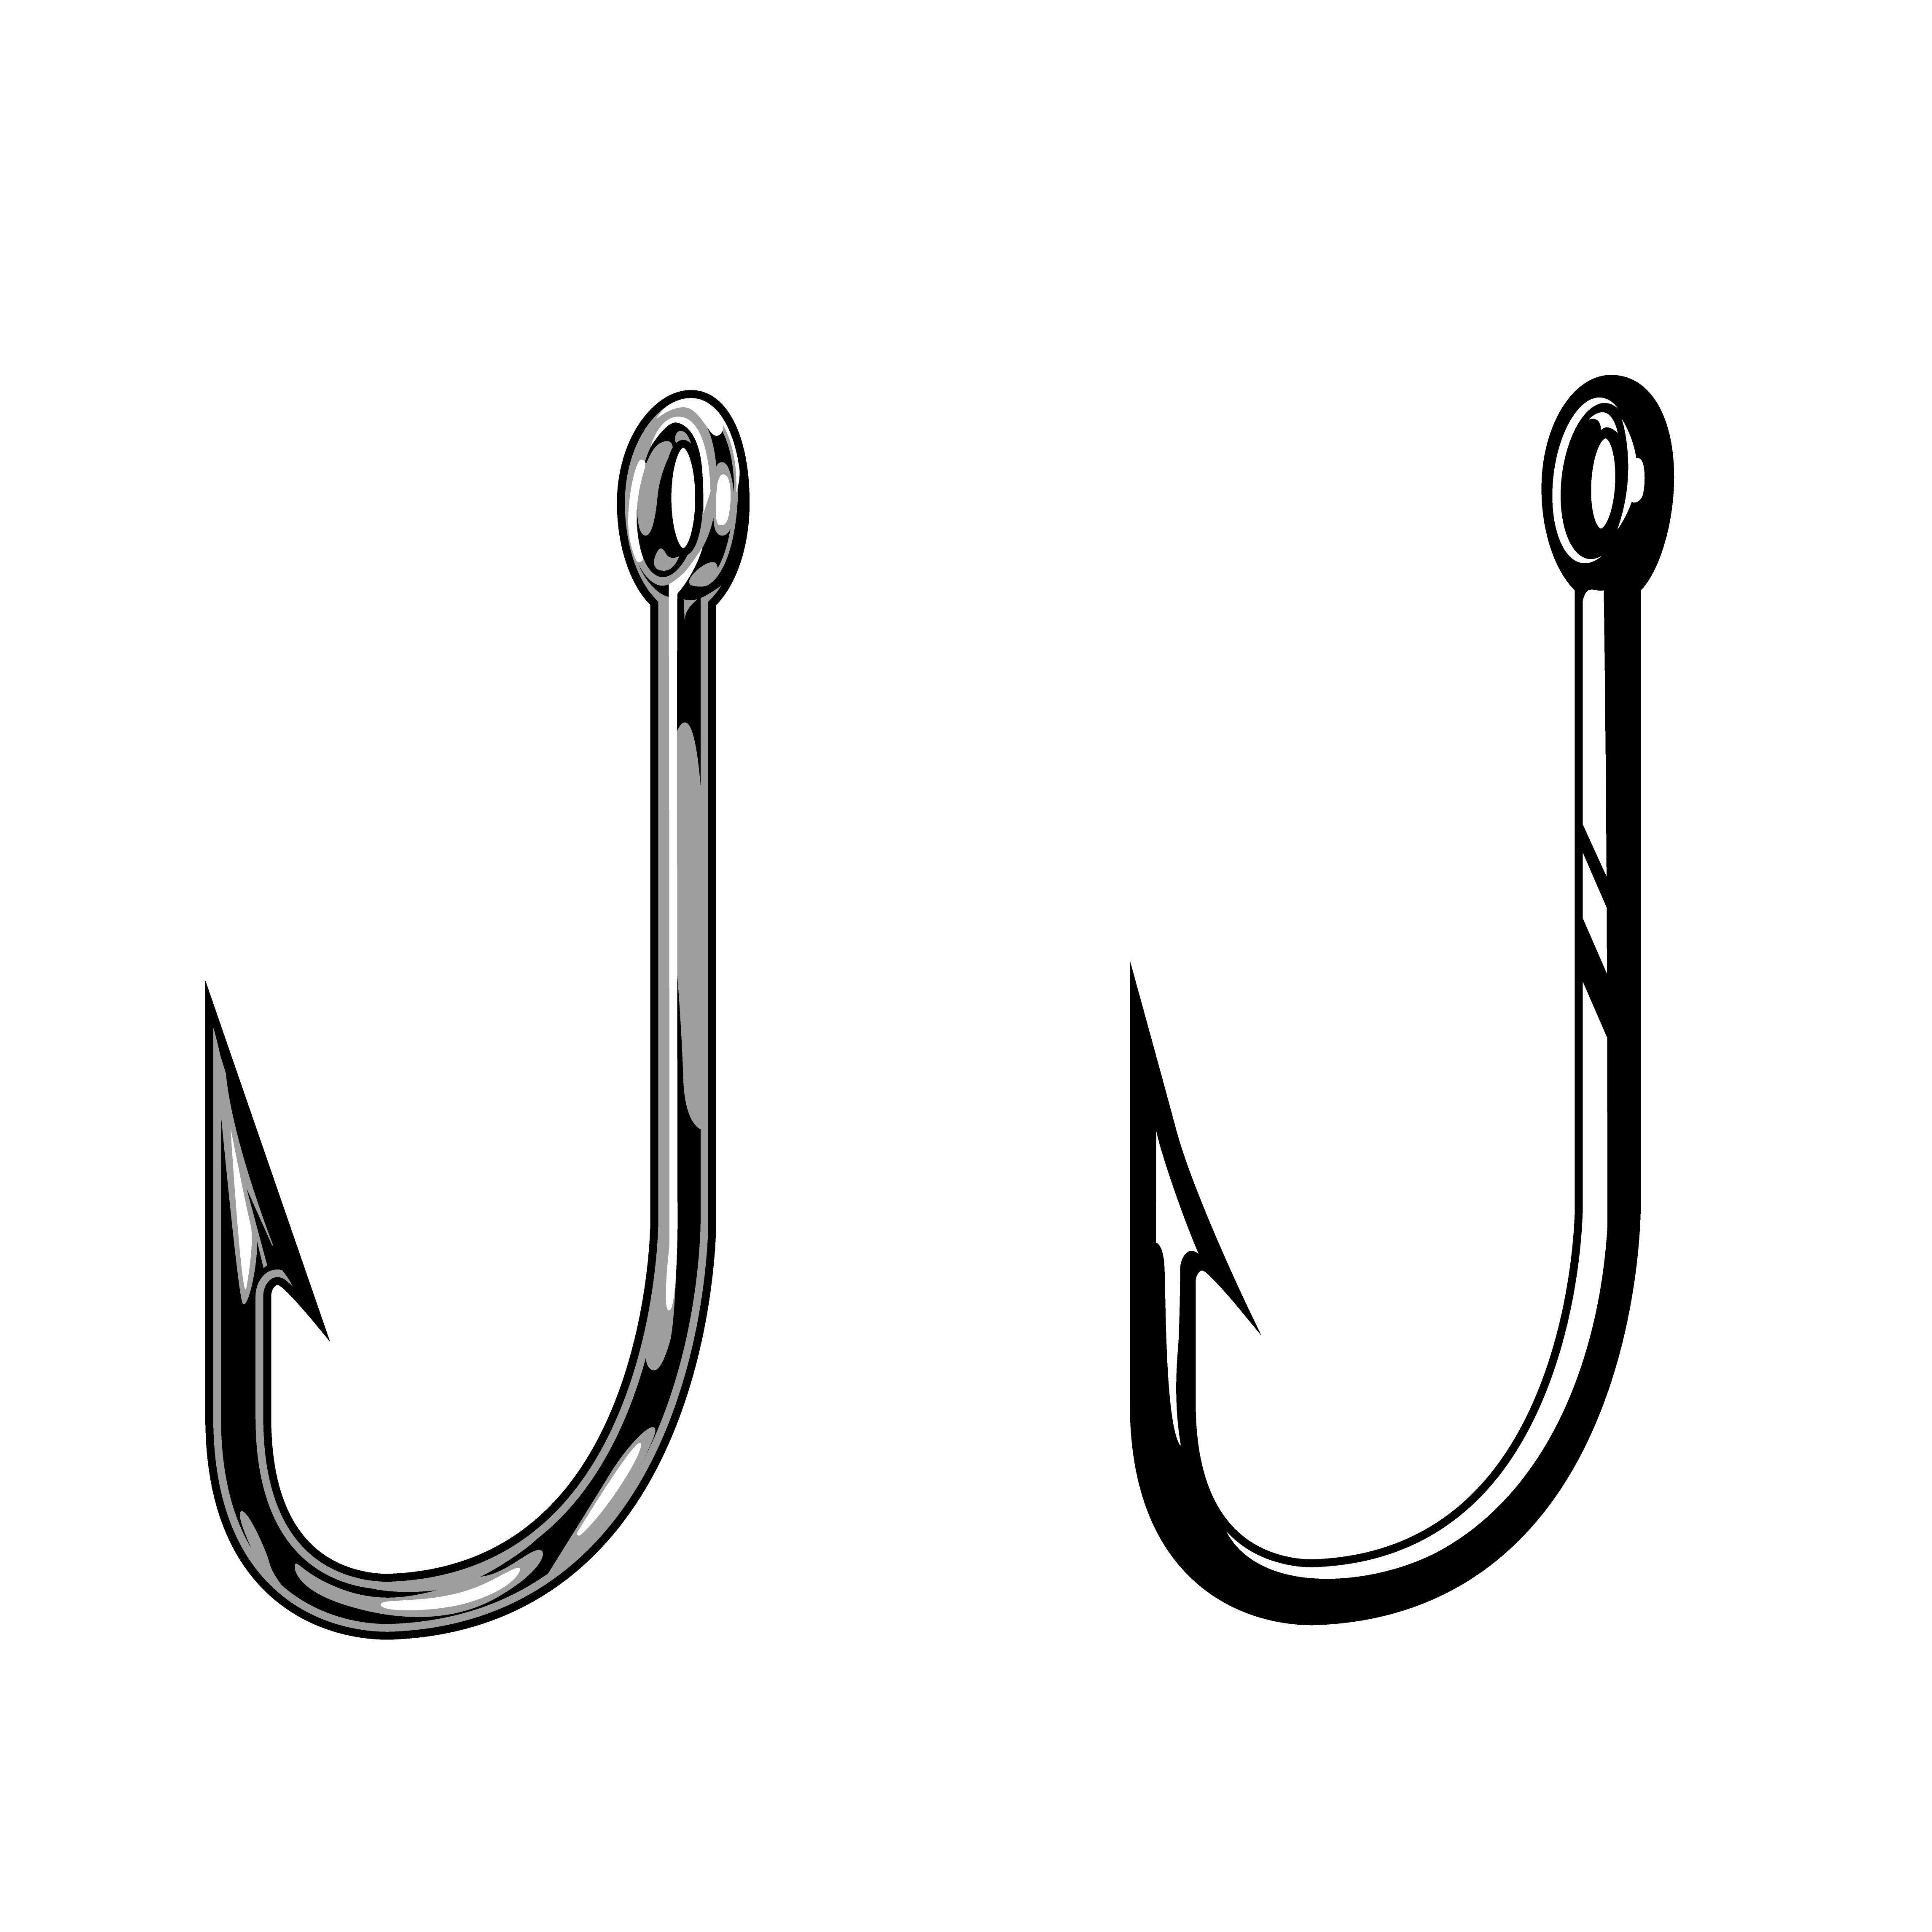 Pin On Fishing Design Bundles